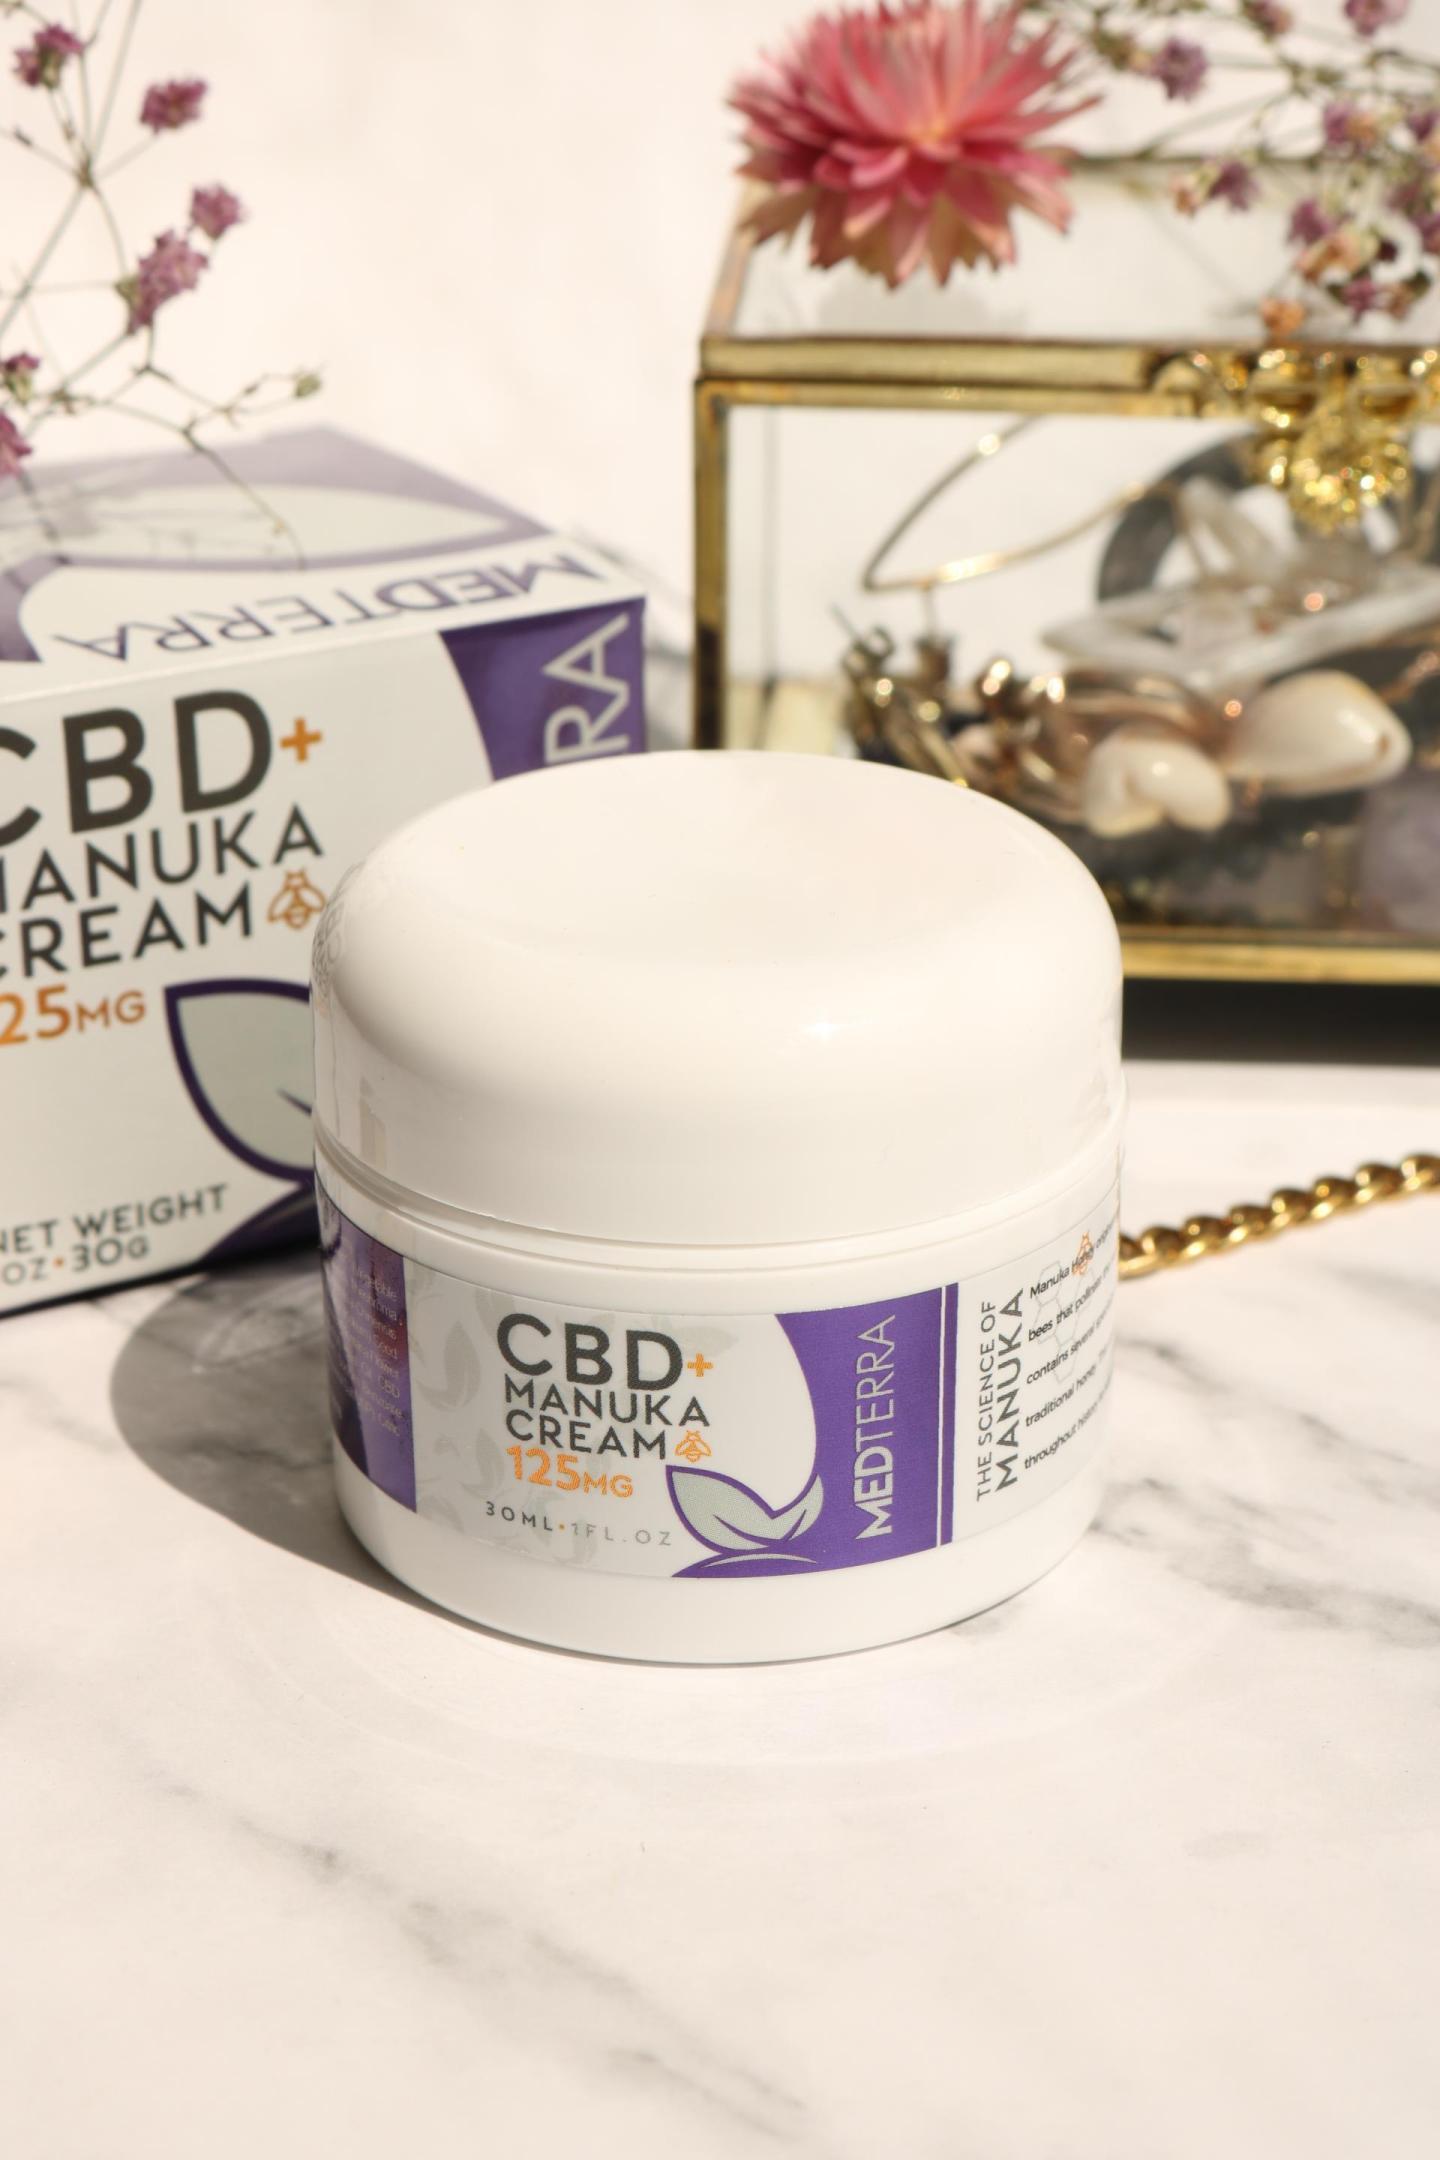 Medterra CBD Manuka Cream